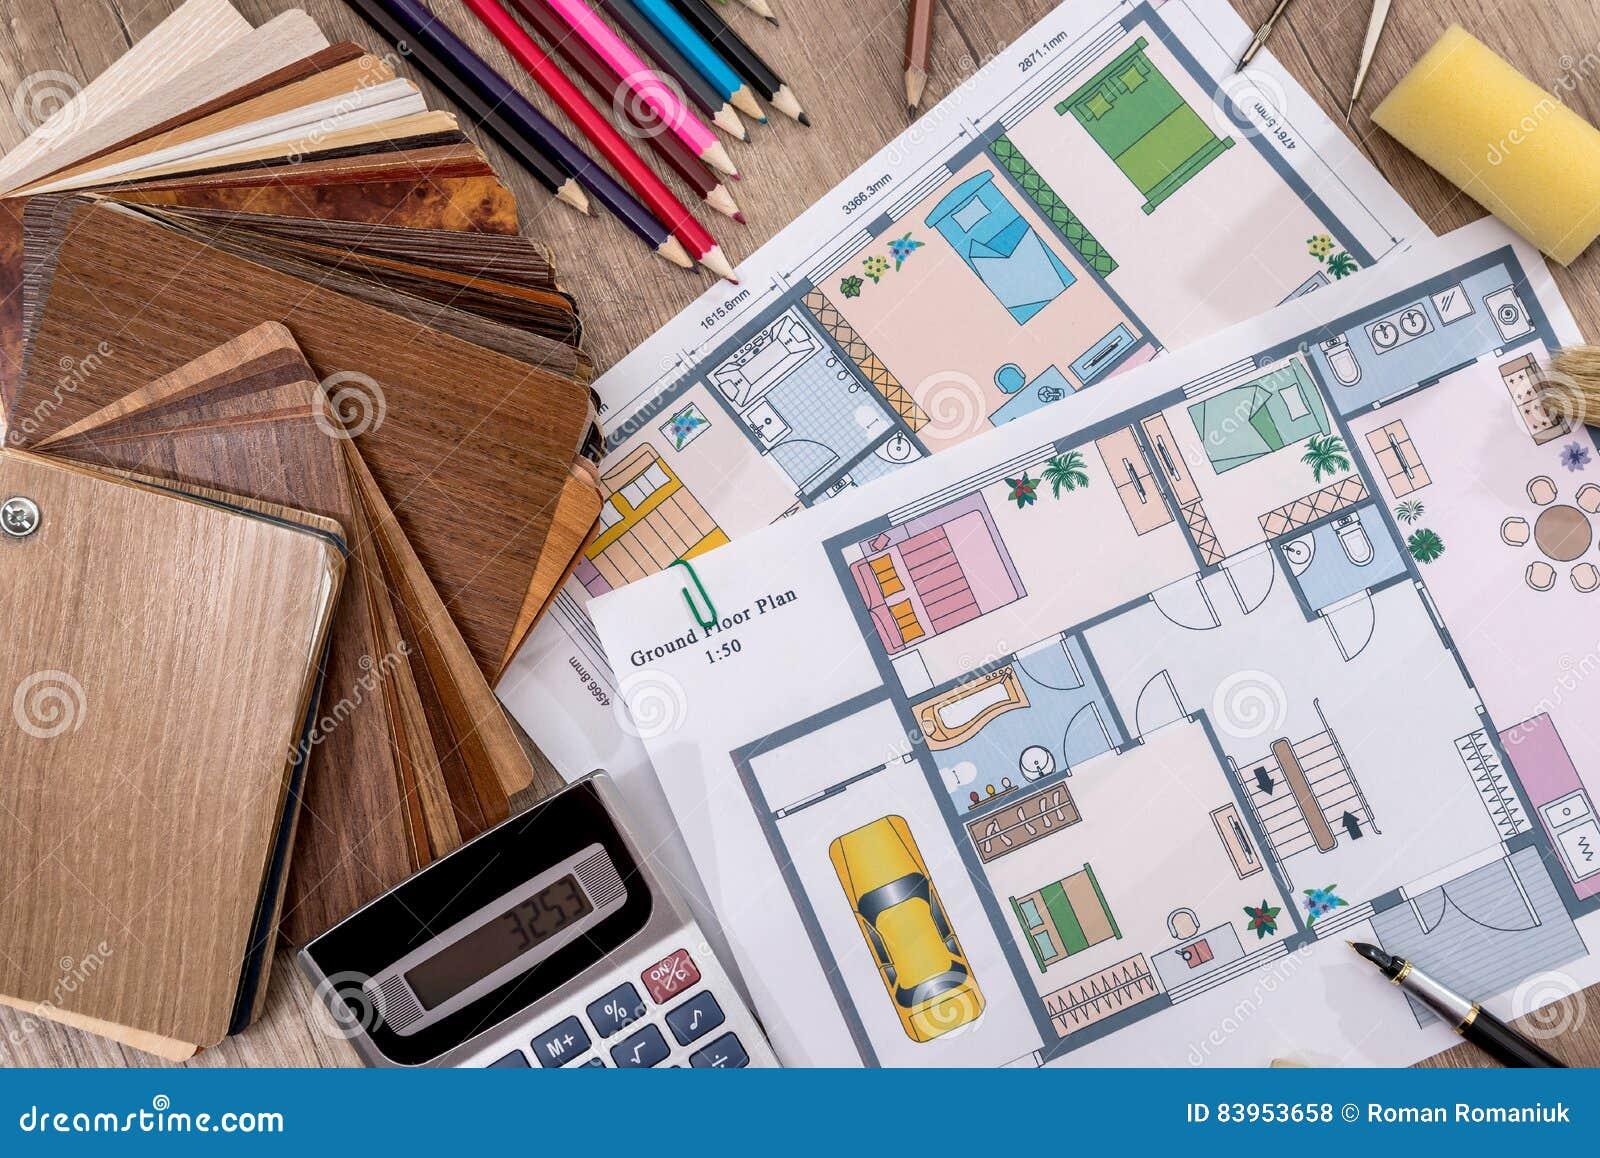 Concep o arquitet nica da casa com ferramentas e cat logo for Catalogo mobilia